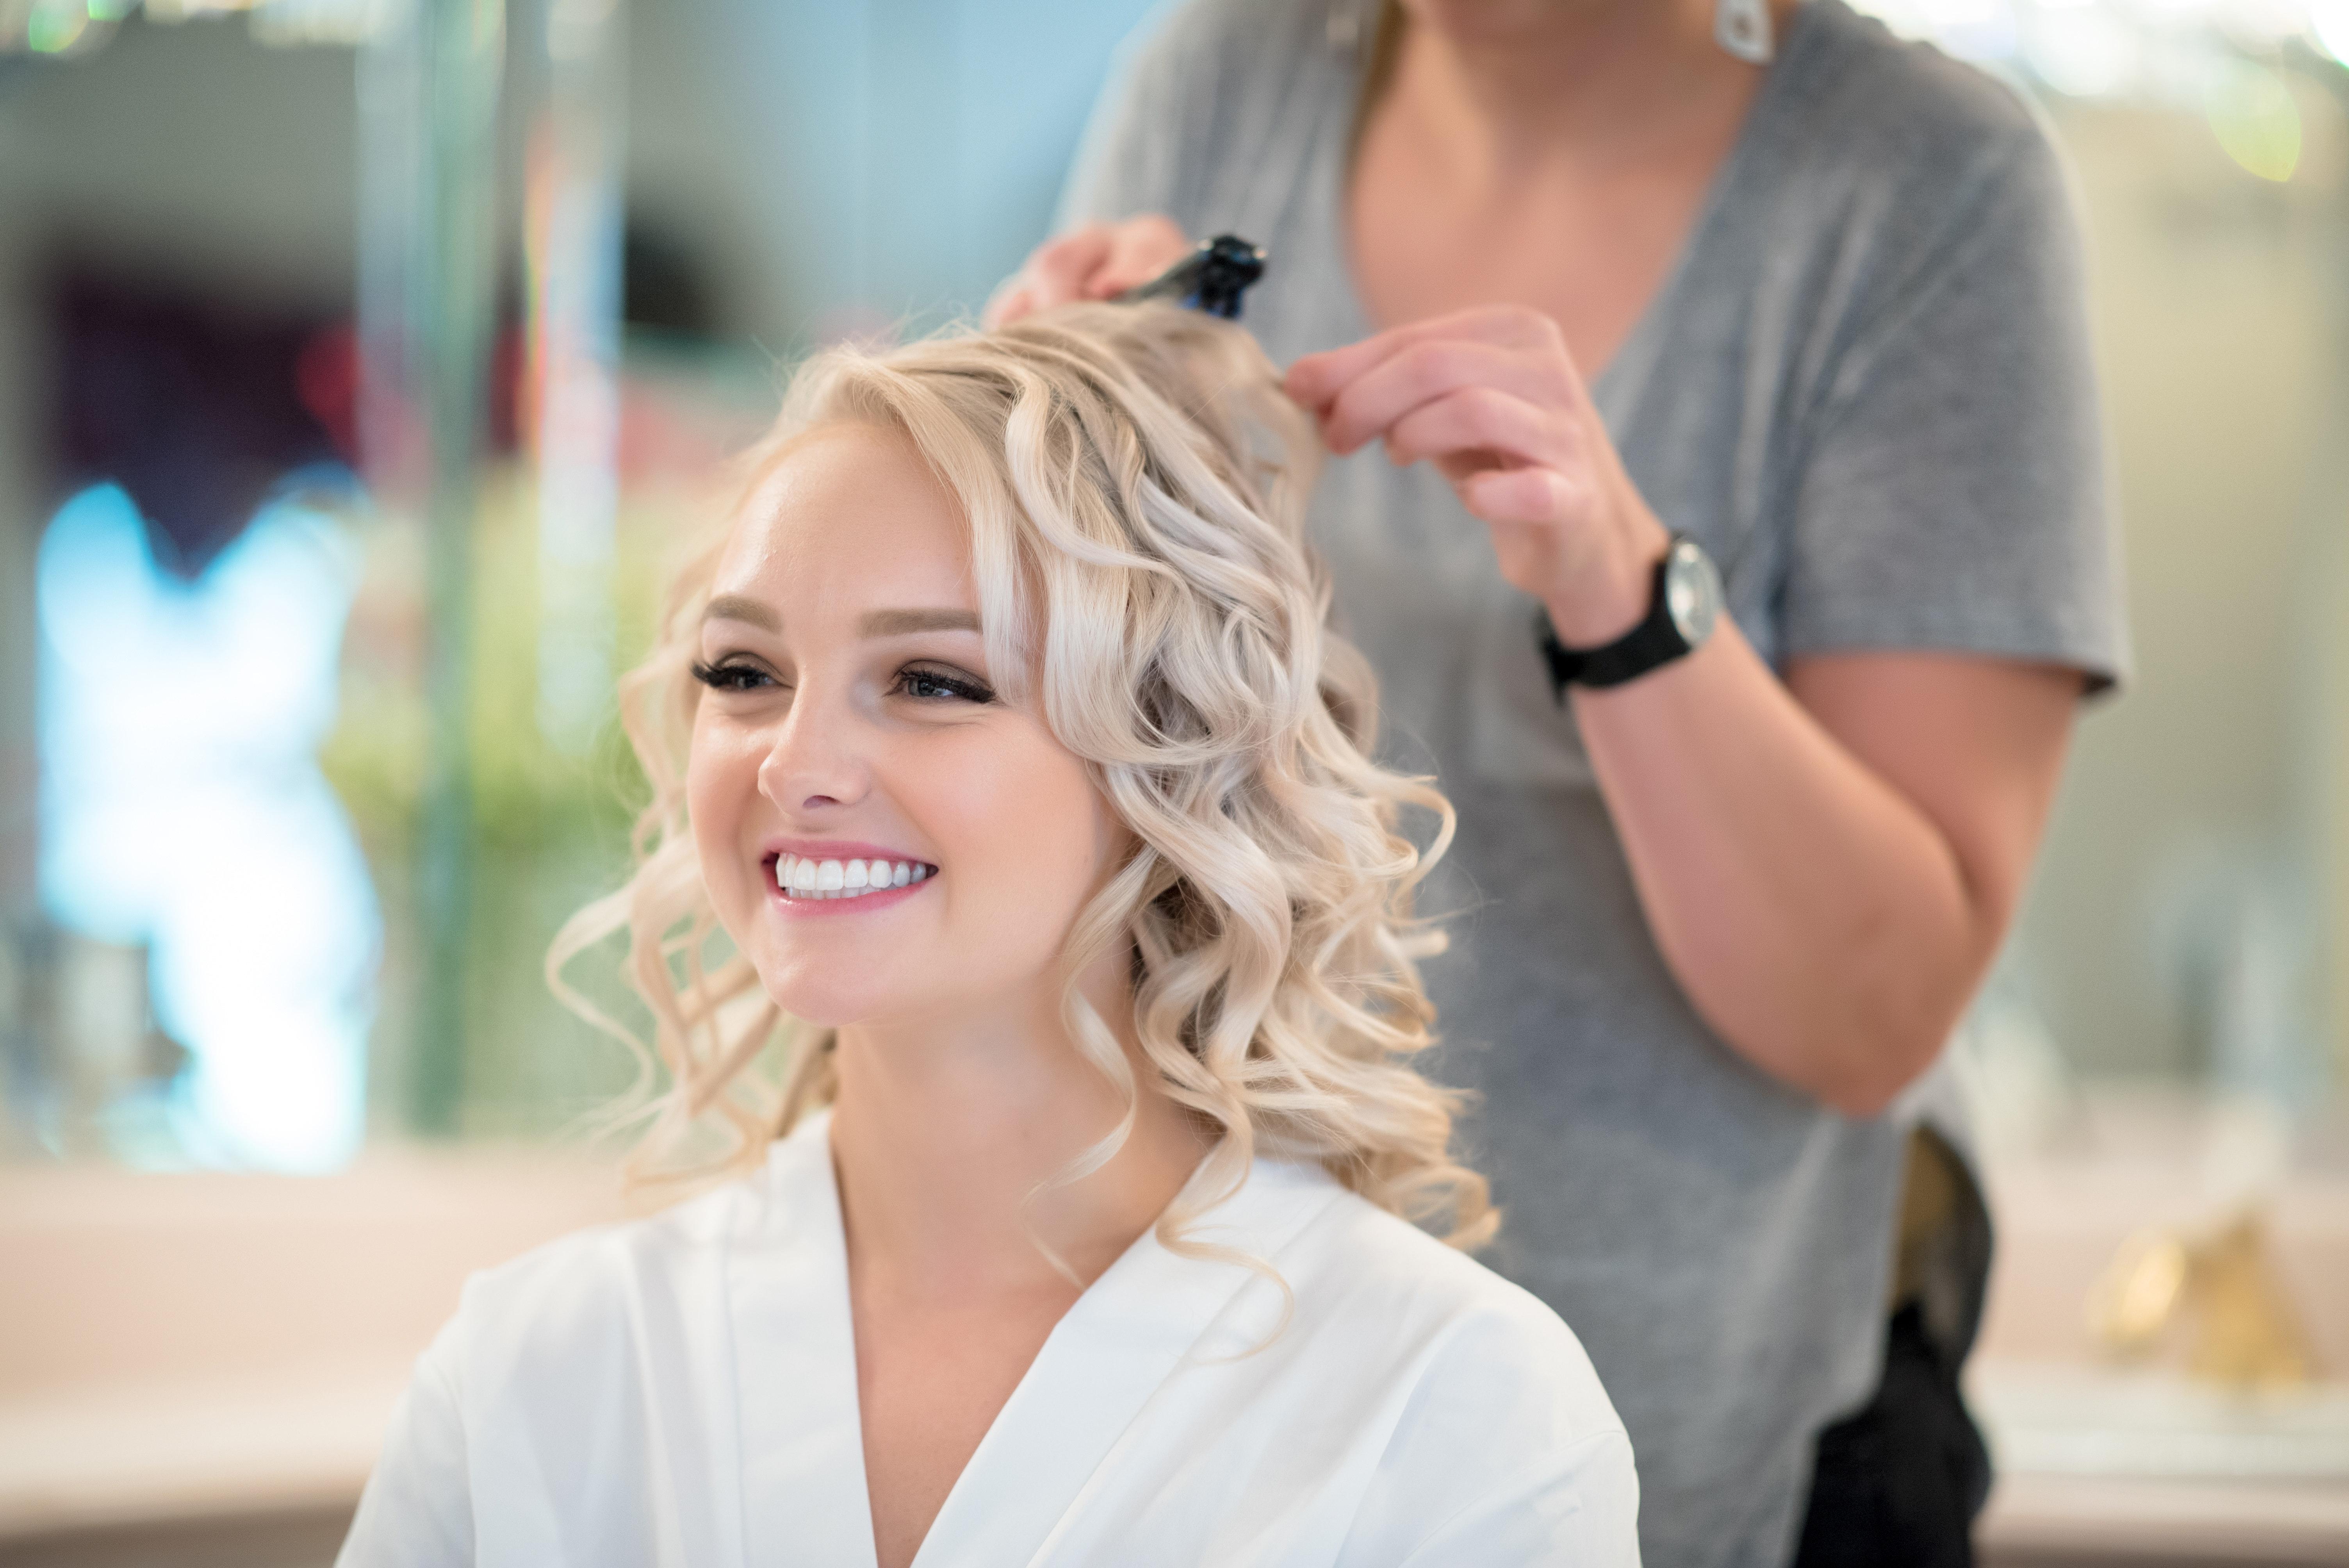 Poze Culoarea Părului Uman Frumuseţe Coafura Blond Mireasă